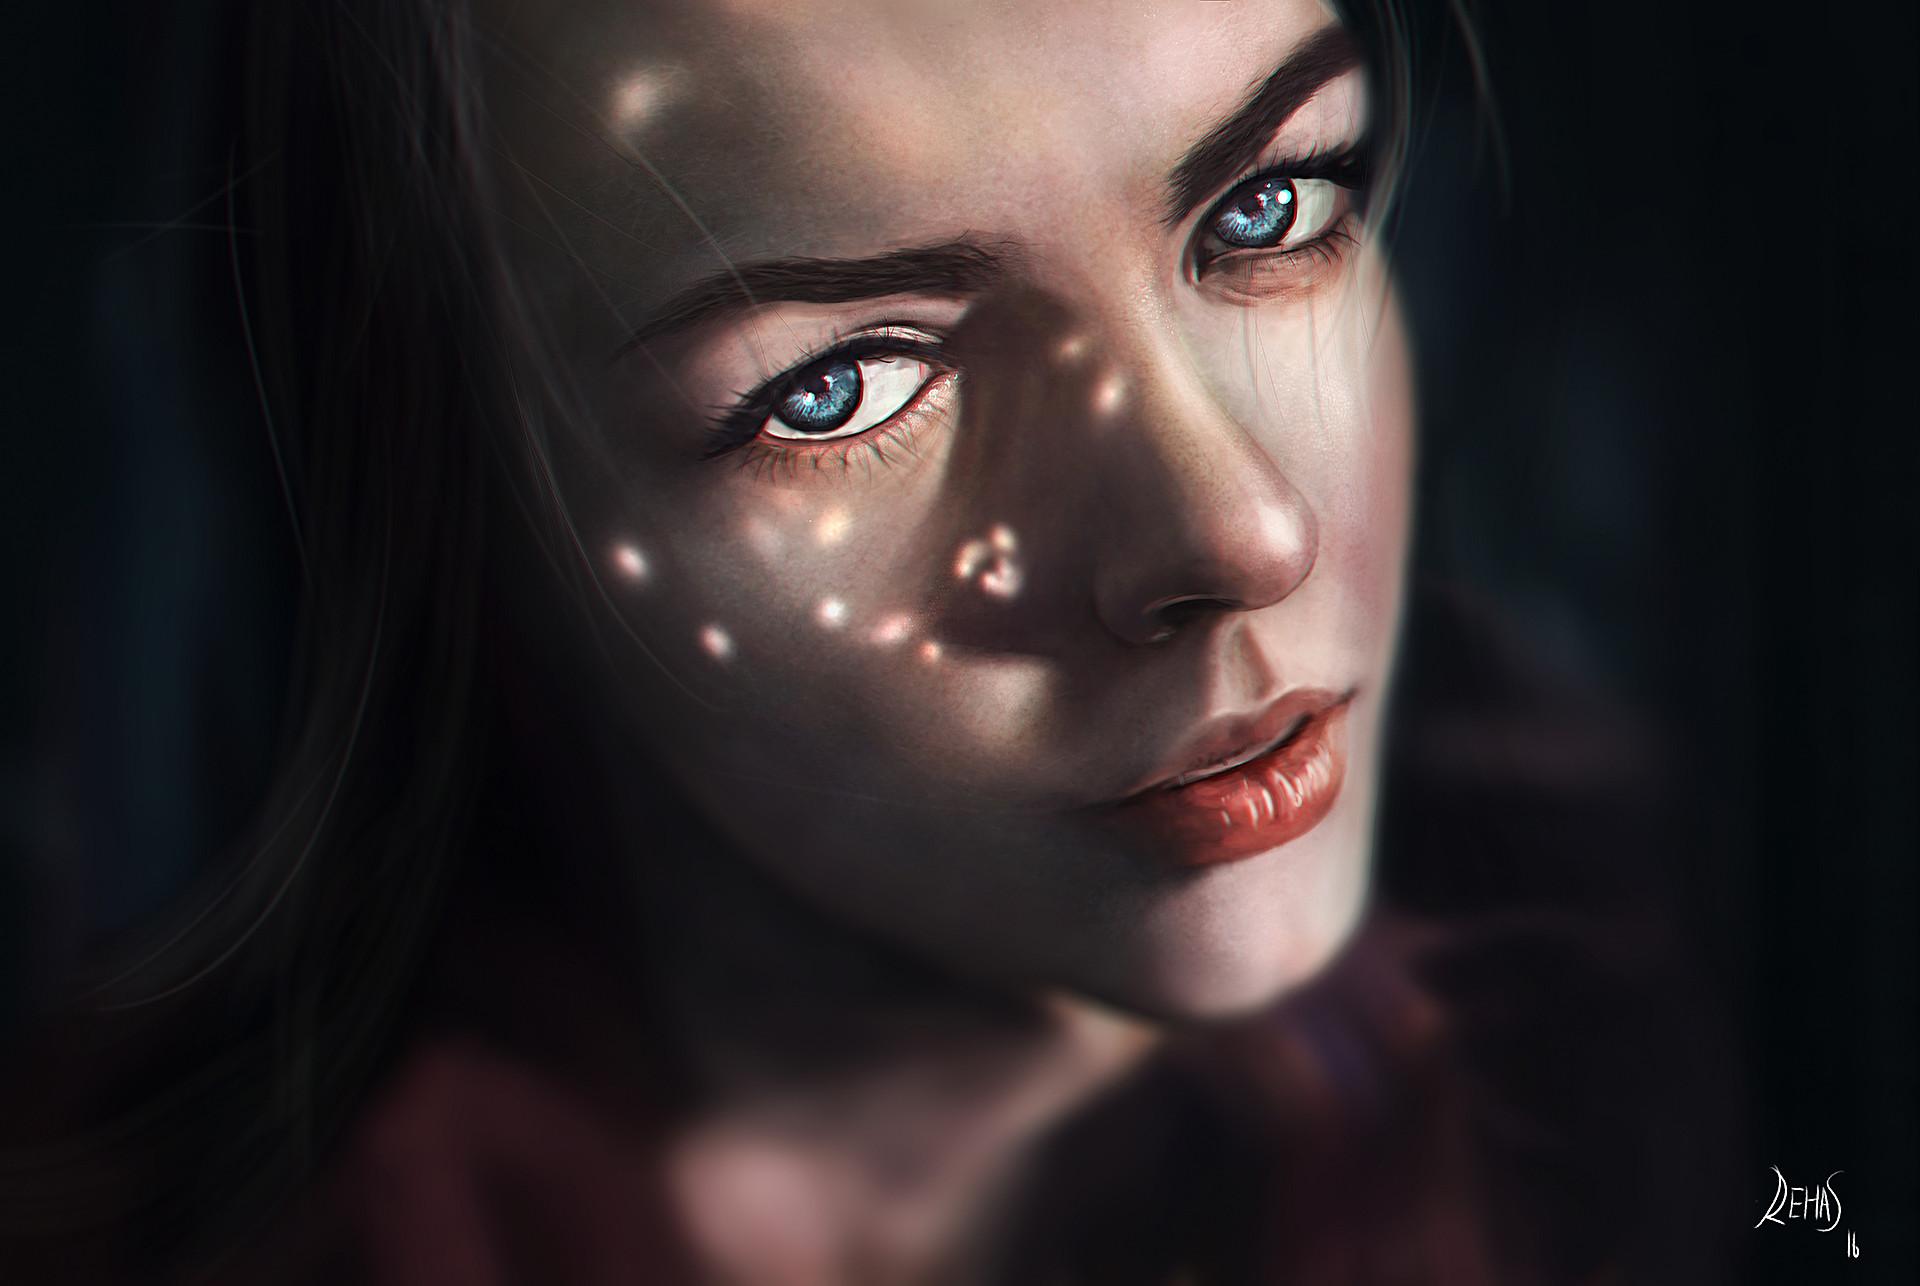 https://cdnb.artstation.com/p/assets/images/images/001/748/939/large/reha-sakar-portrait-22-02.jpg